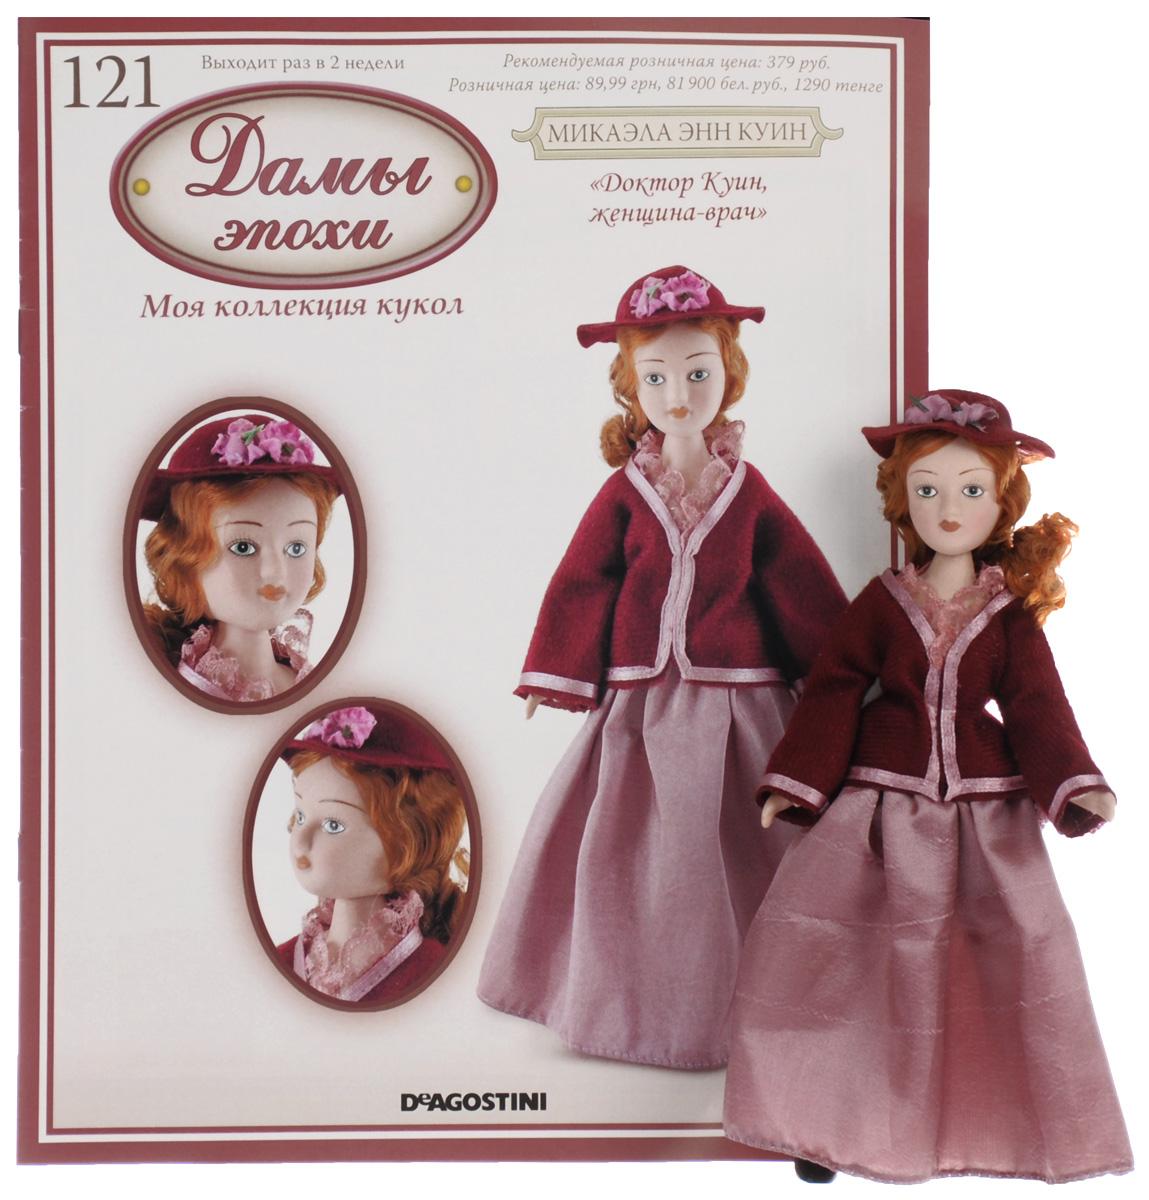 Журнал Дамы эпохи. Моя коллекция кукол №121DAMES121Журнальная серия Дамы эпохи. Моя коллекция кукол будет интересна всем людям, увлекающимся костюмами героинь величайших романов всех времен и народов, коллекционированием кукол. К каждому выпуску прилагается коллекционная фарфоровая кукла, изготовленная по мотивам великих литературных произведений. Каждая кукла представлена в образе героини всемирно известного романа, которая с точностью воссоздает и отражает эпоху, к которой принадлежит. К данному выпуску прилагается кукла ручной работы в образе Микаэлы Энн Куин, героини драматического телесериала Доктор Куин, женщина-врач. Кукла упакована в коробку. Высота куклы: 19 см. Категория 16+.